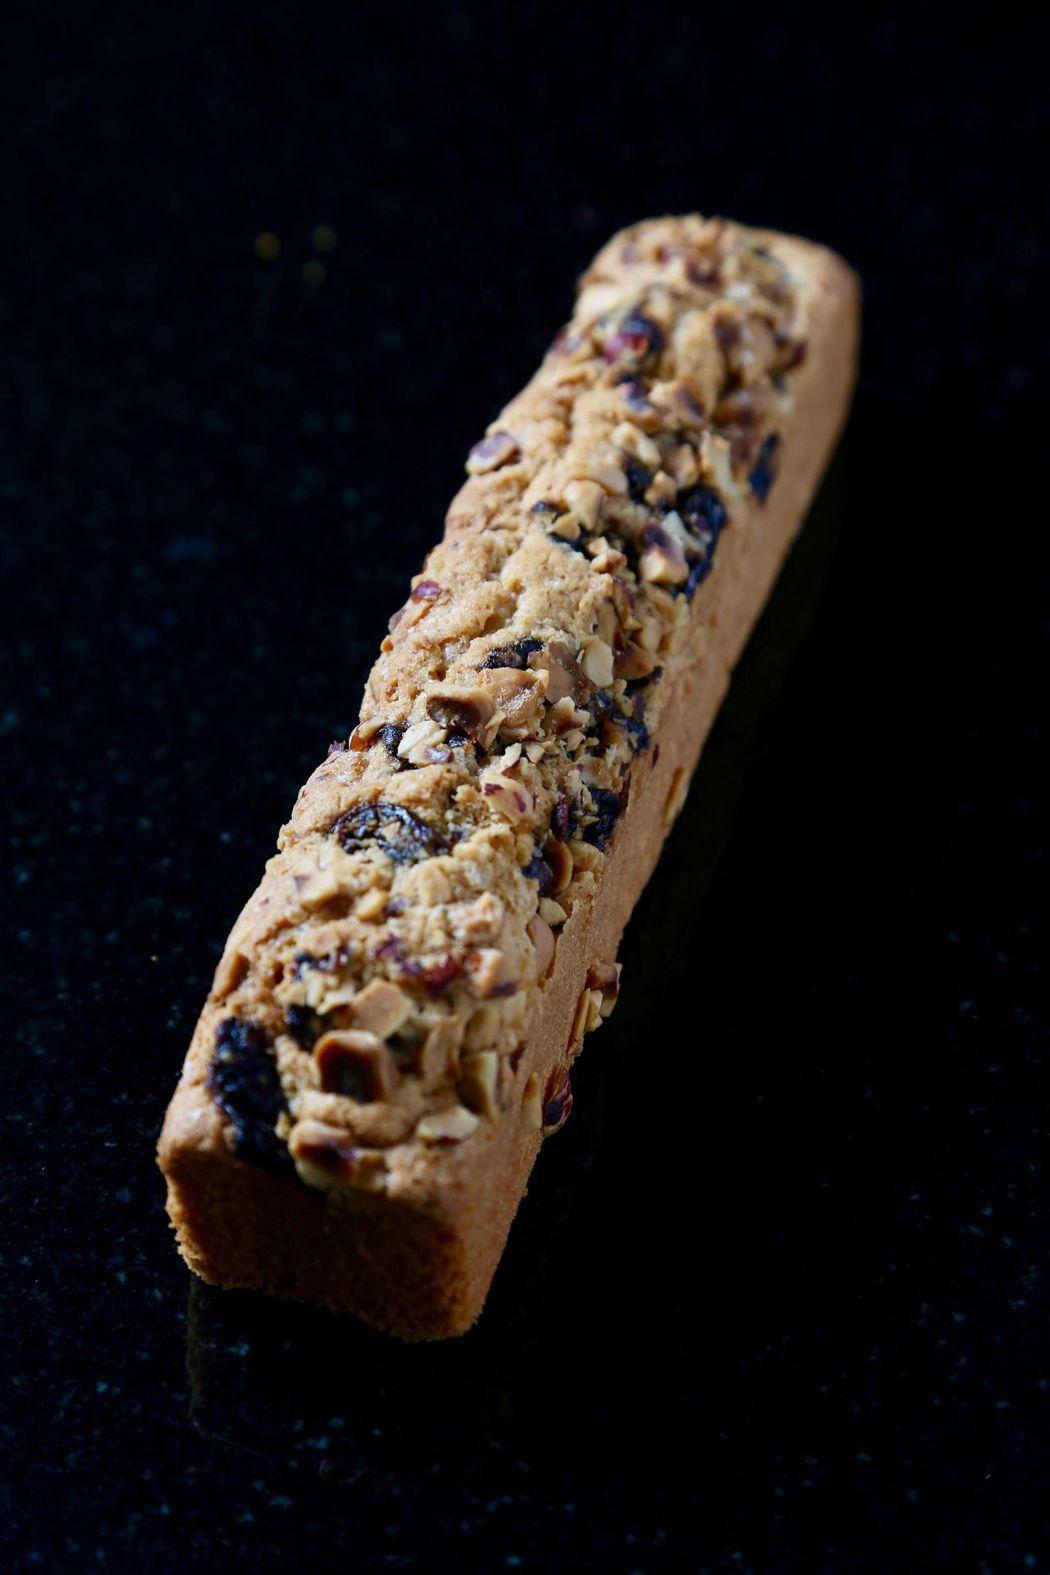 帕莎蒂娜酒釀桂圓榛果旅行蛋糕,採用台南東山桂圓與法國榛果結合出絕妙風味。  帕莎...